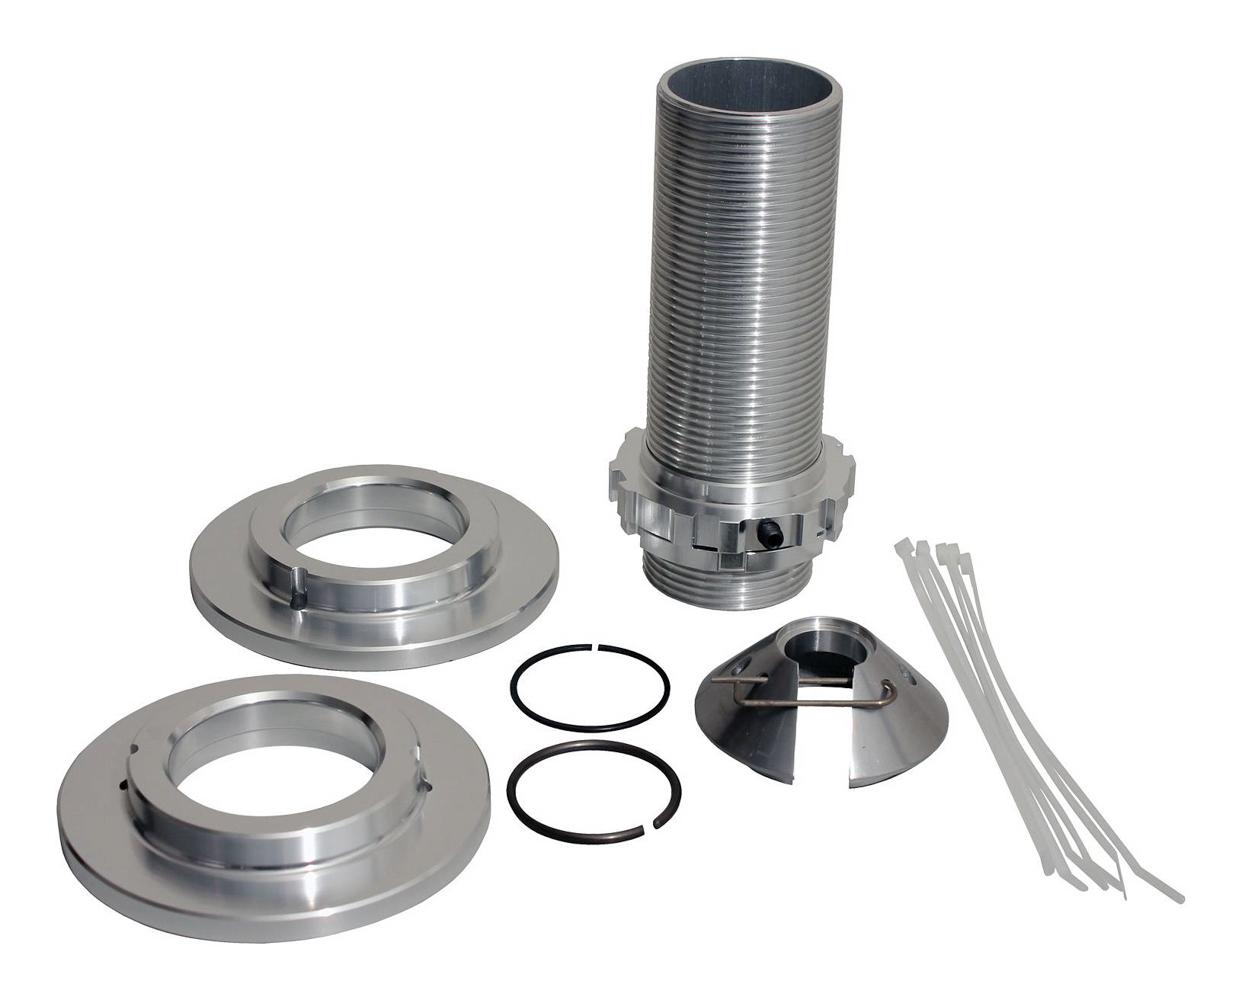 QA1 CK5009 Coil-Over Kit, 5.000 in OD Spring, Aluminum, Natural, 7 in Stroke, QA1 20 / 26 / 26a / 26V / 28 / 28a / 28V / 50 Series Shocks, Kit